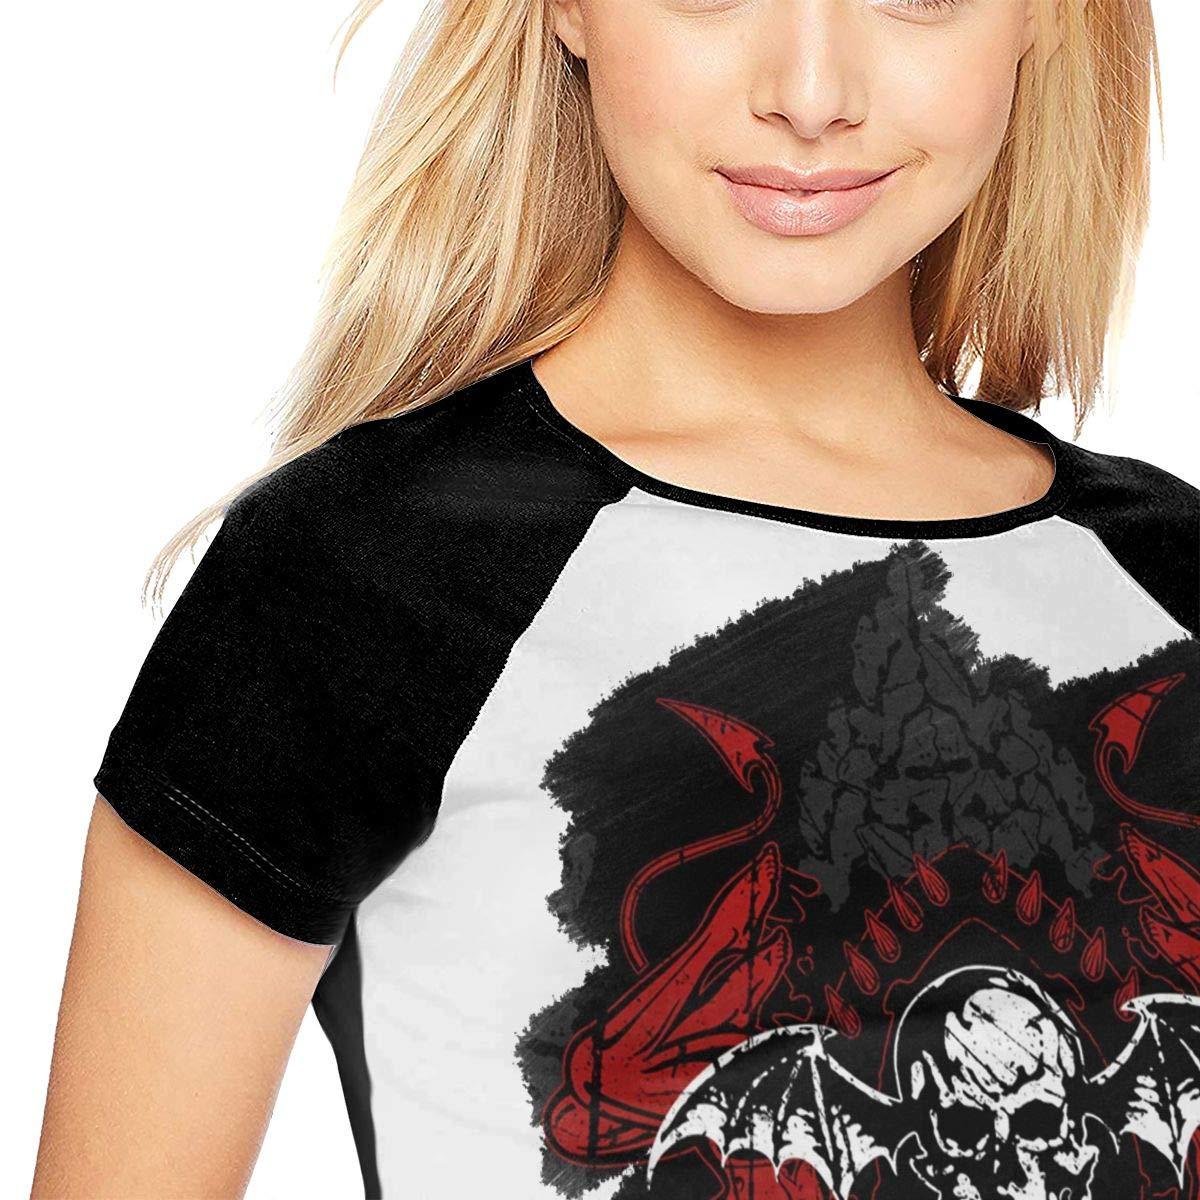 KkdsKkds Avenged Sevenfold Womans Baseball Raglan Top Tennis T-Shirt Gift